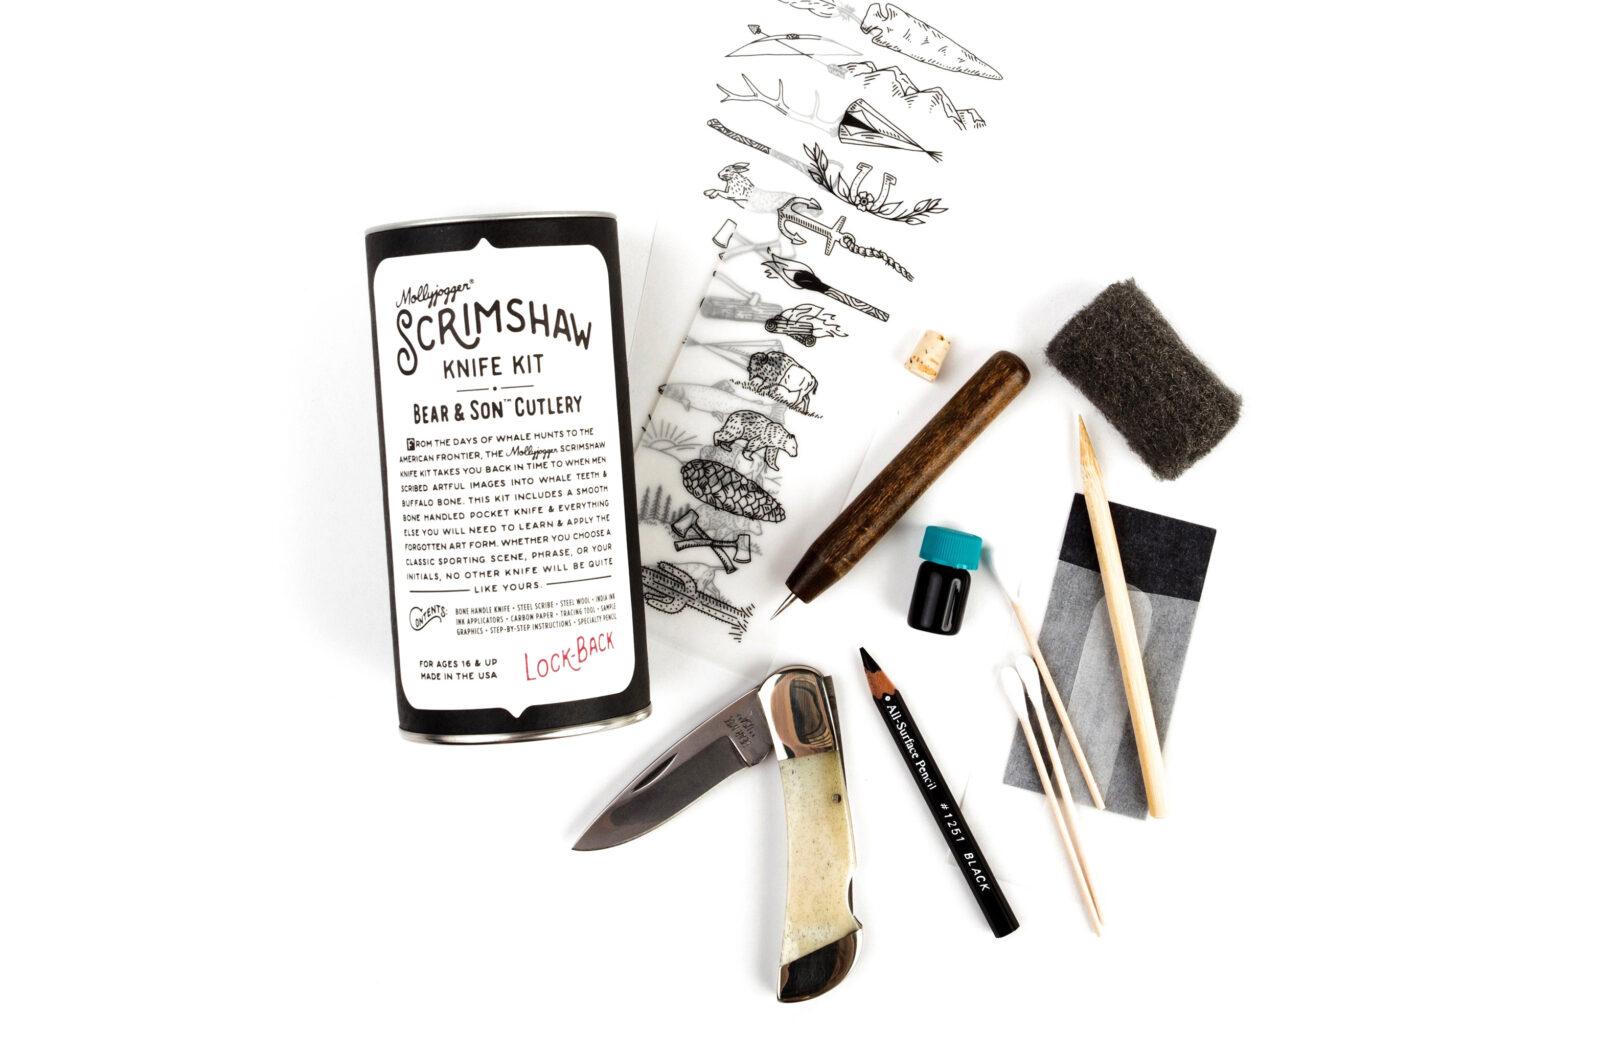 Mollyjogger's Bear Son Scrimshaw Knife Kit 1600x1047 - Mollyjogger's Bear & Son Scrimshaw Knife Kit